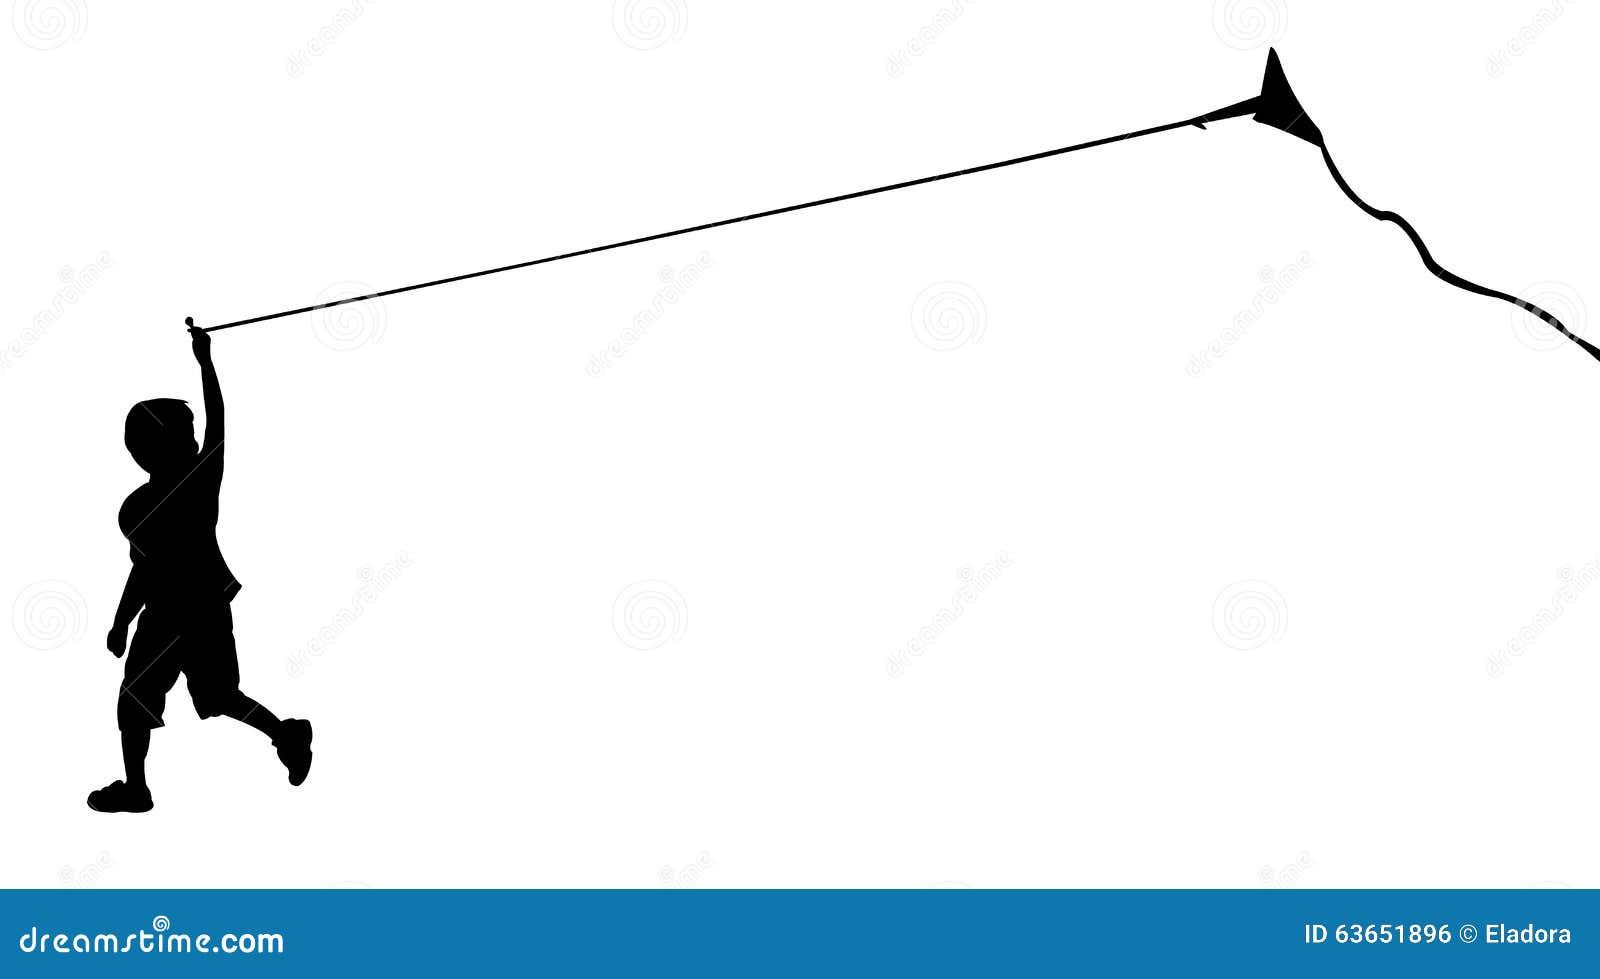 flying kite illustration - photo #40